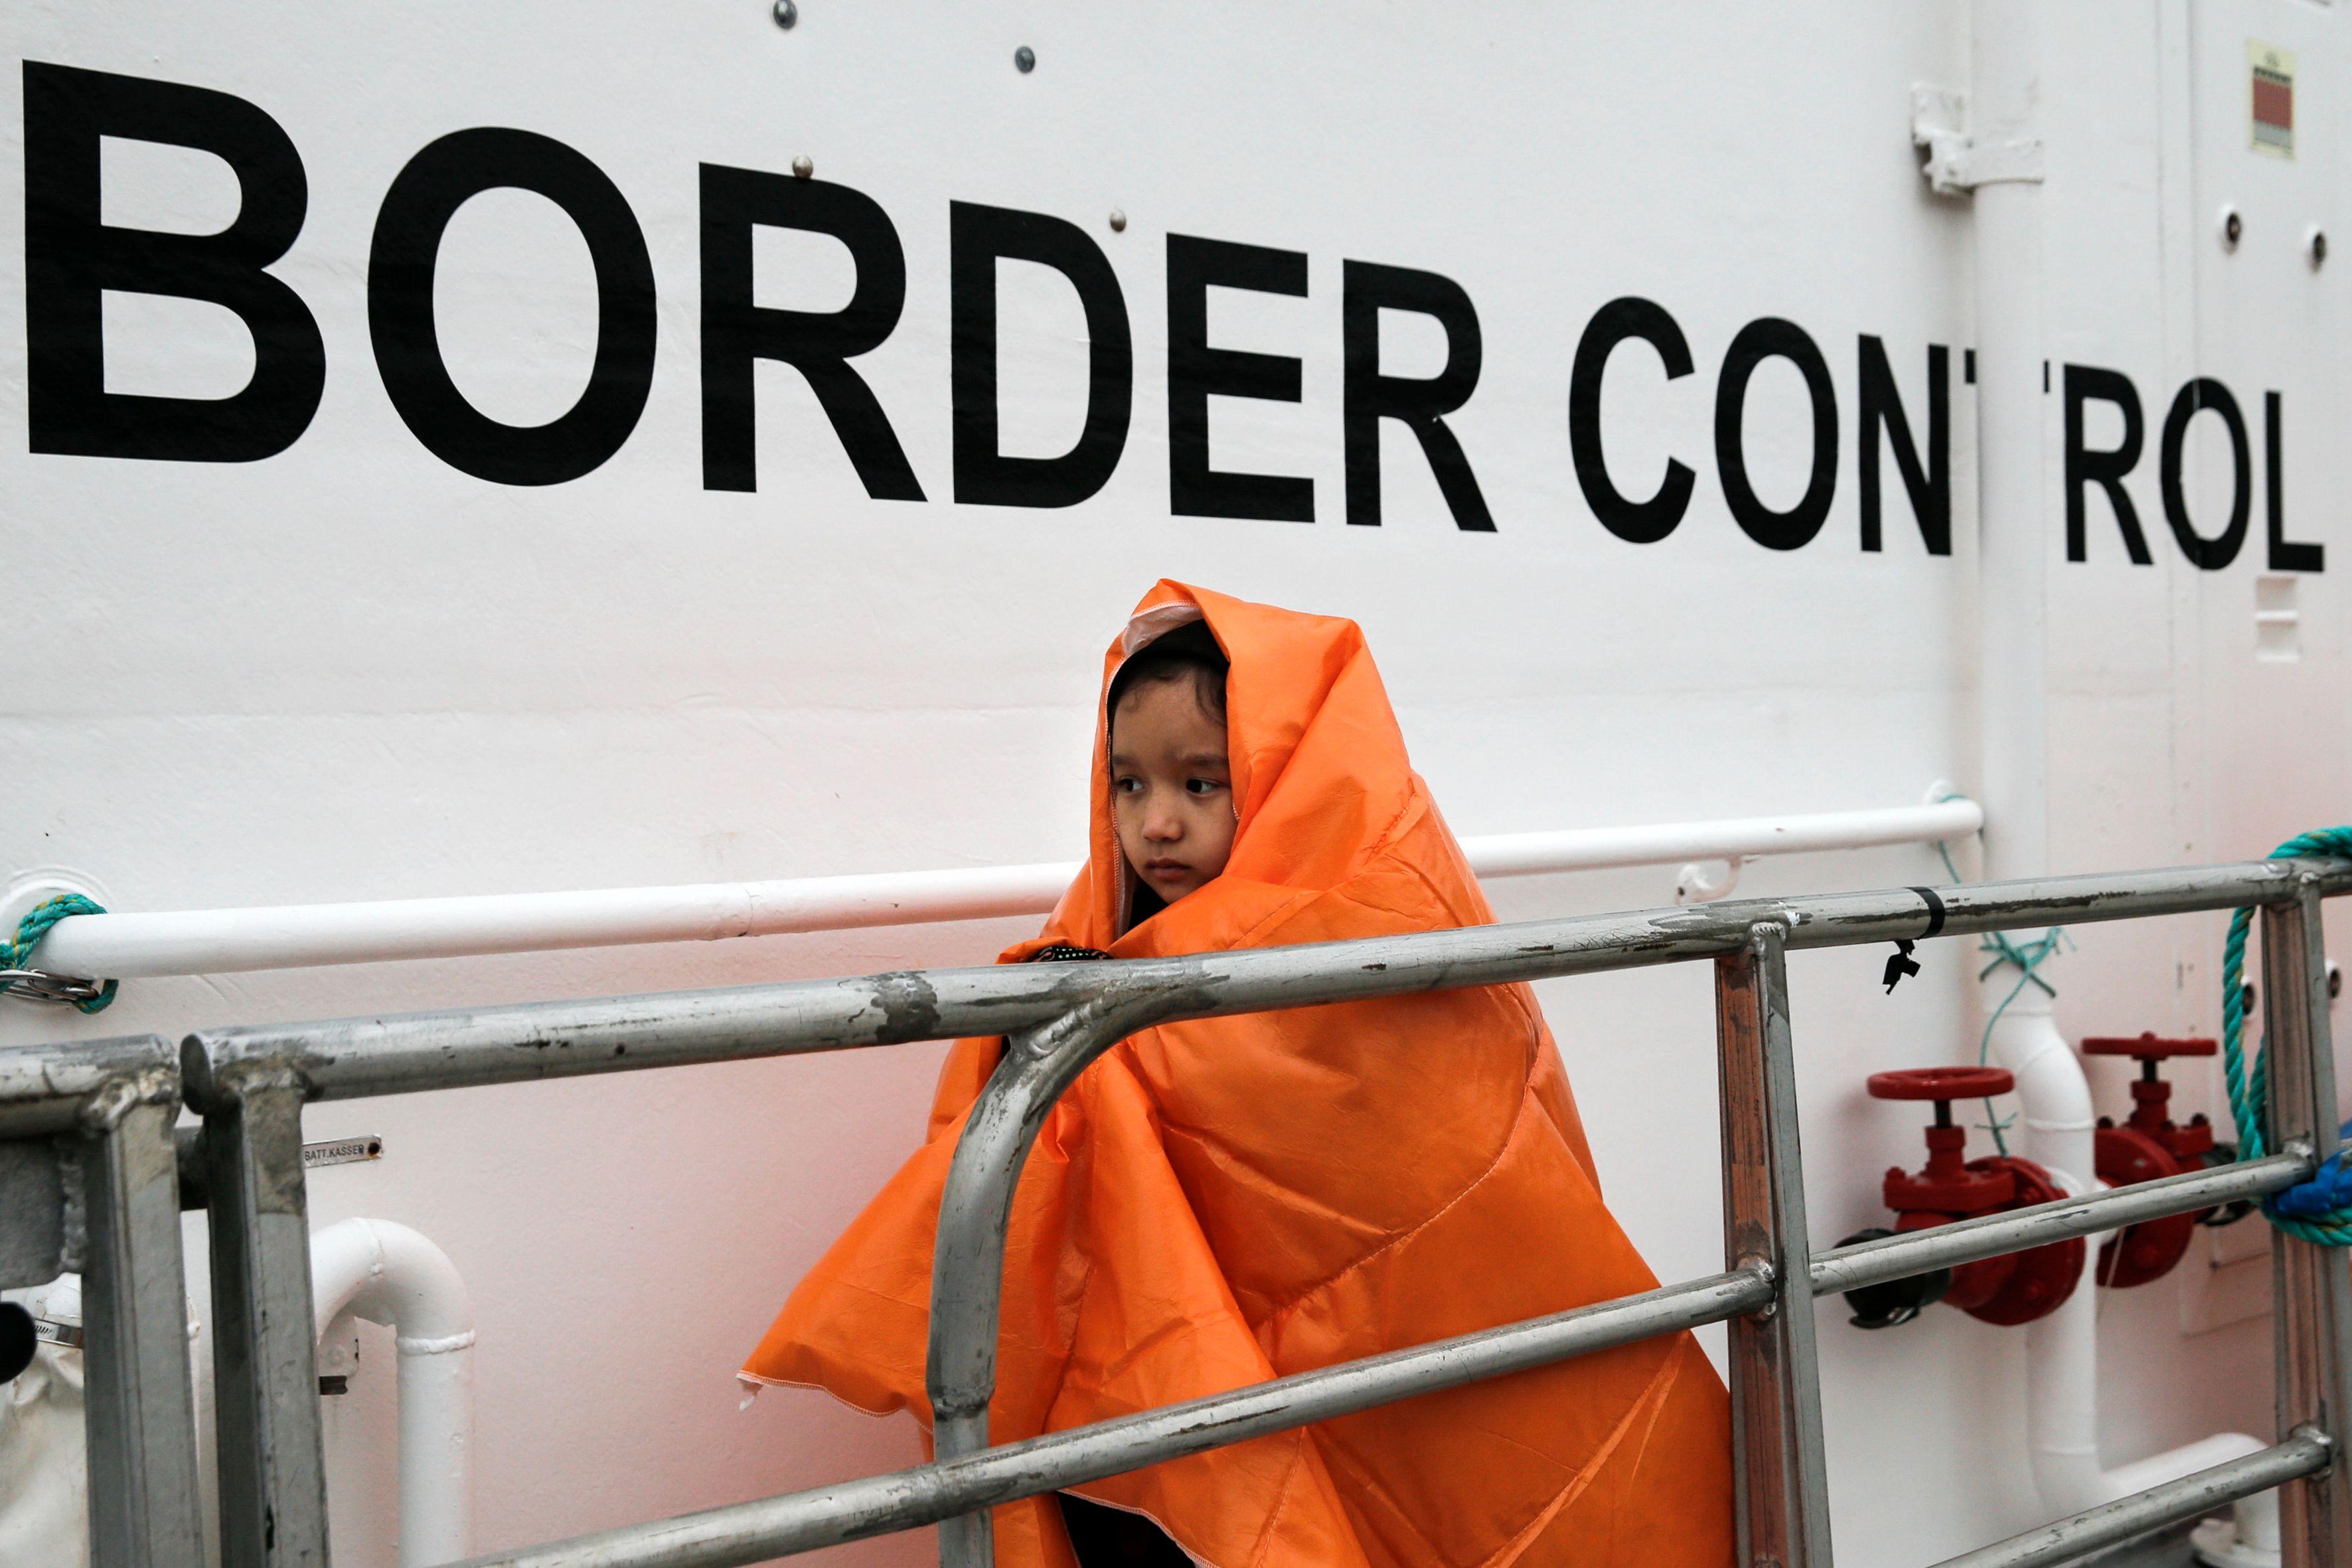 Avis à tous ceux qui pensent qu'il n'est plus possible d'avoir de frontières aujourd'hui : voici la part des efforts menés par l'UE dans la gestion de la crise des migrants qui se résorbe aujourd'hui